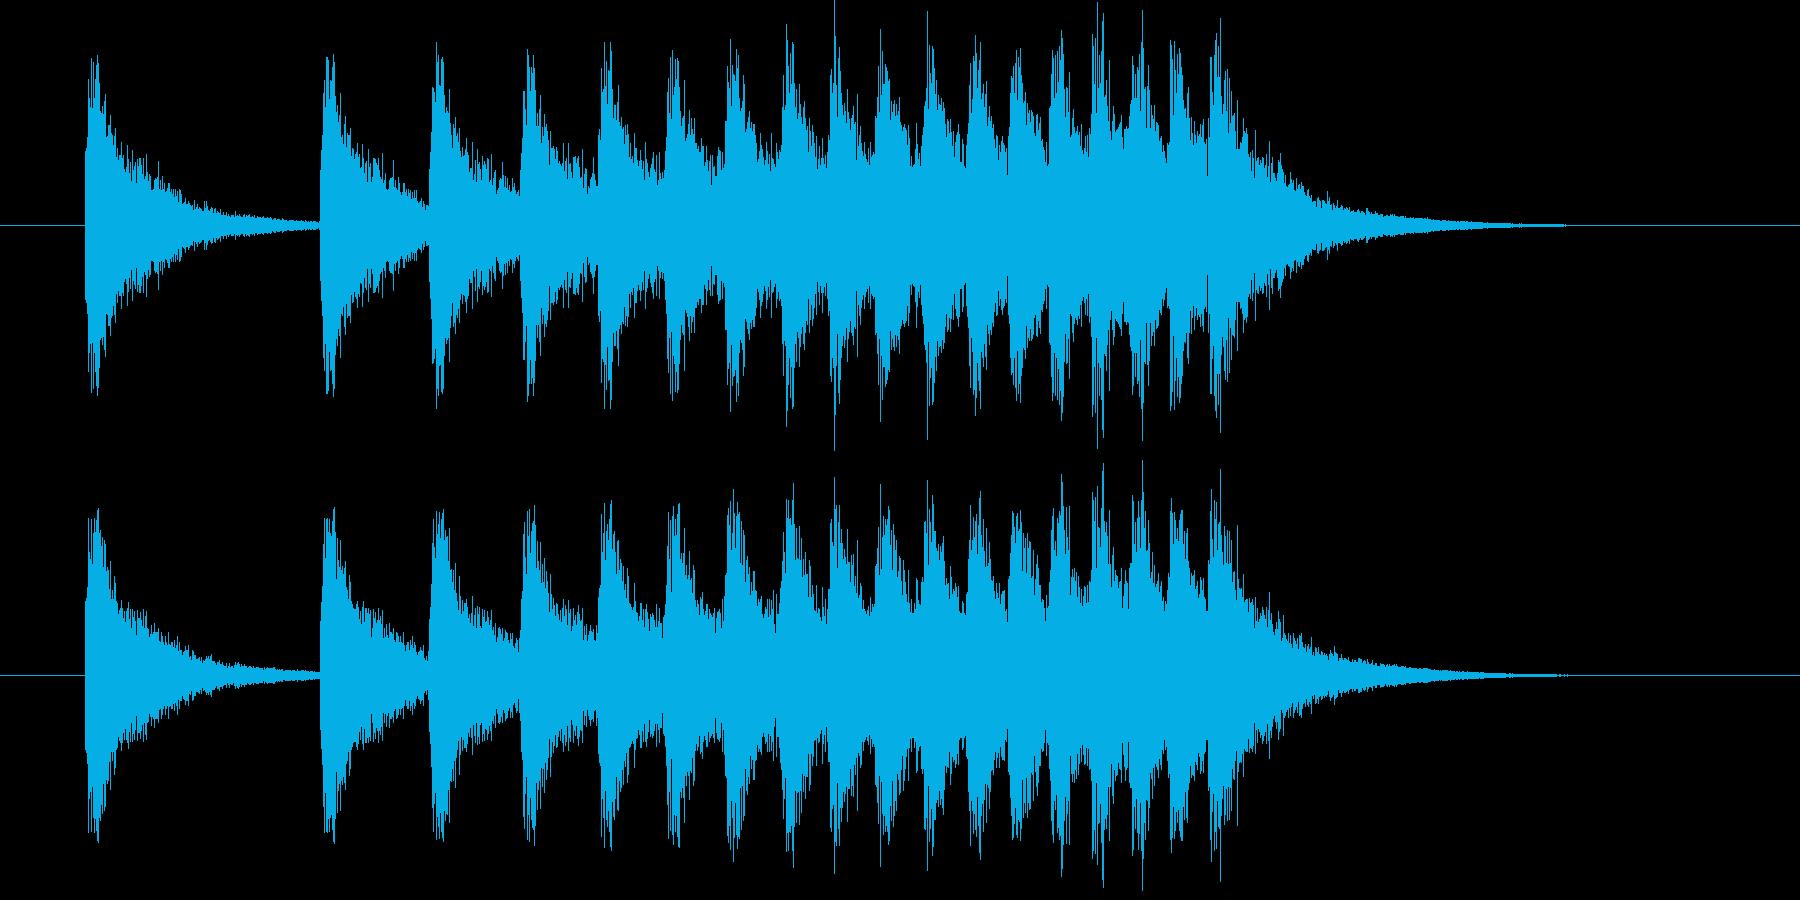 [シャン]連続音/中国/中華/お祭りの再生済みの波形